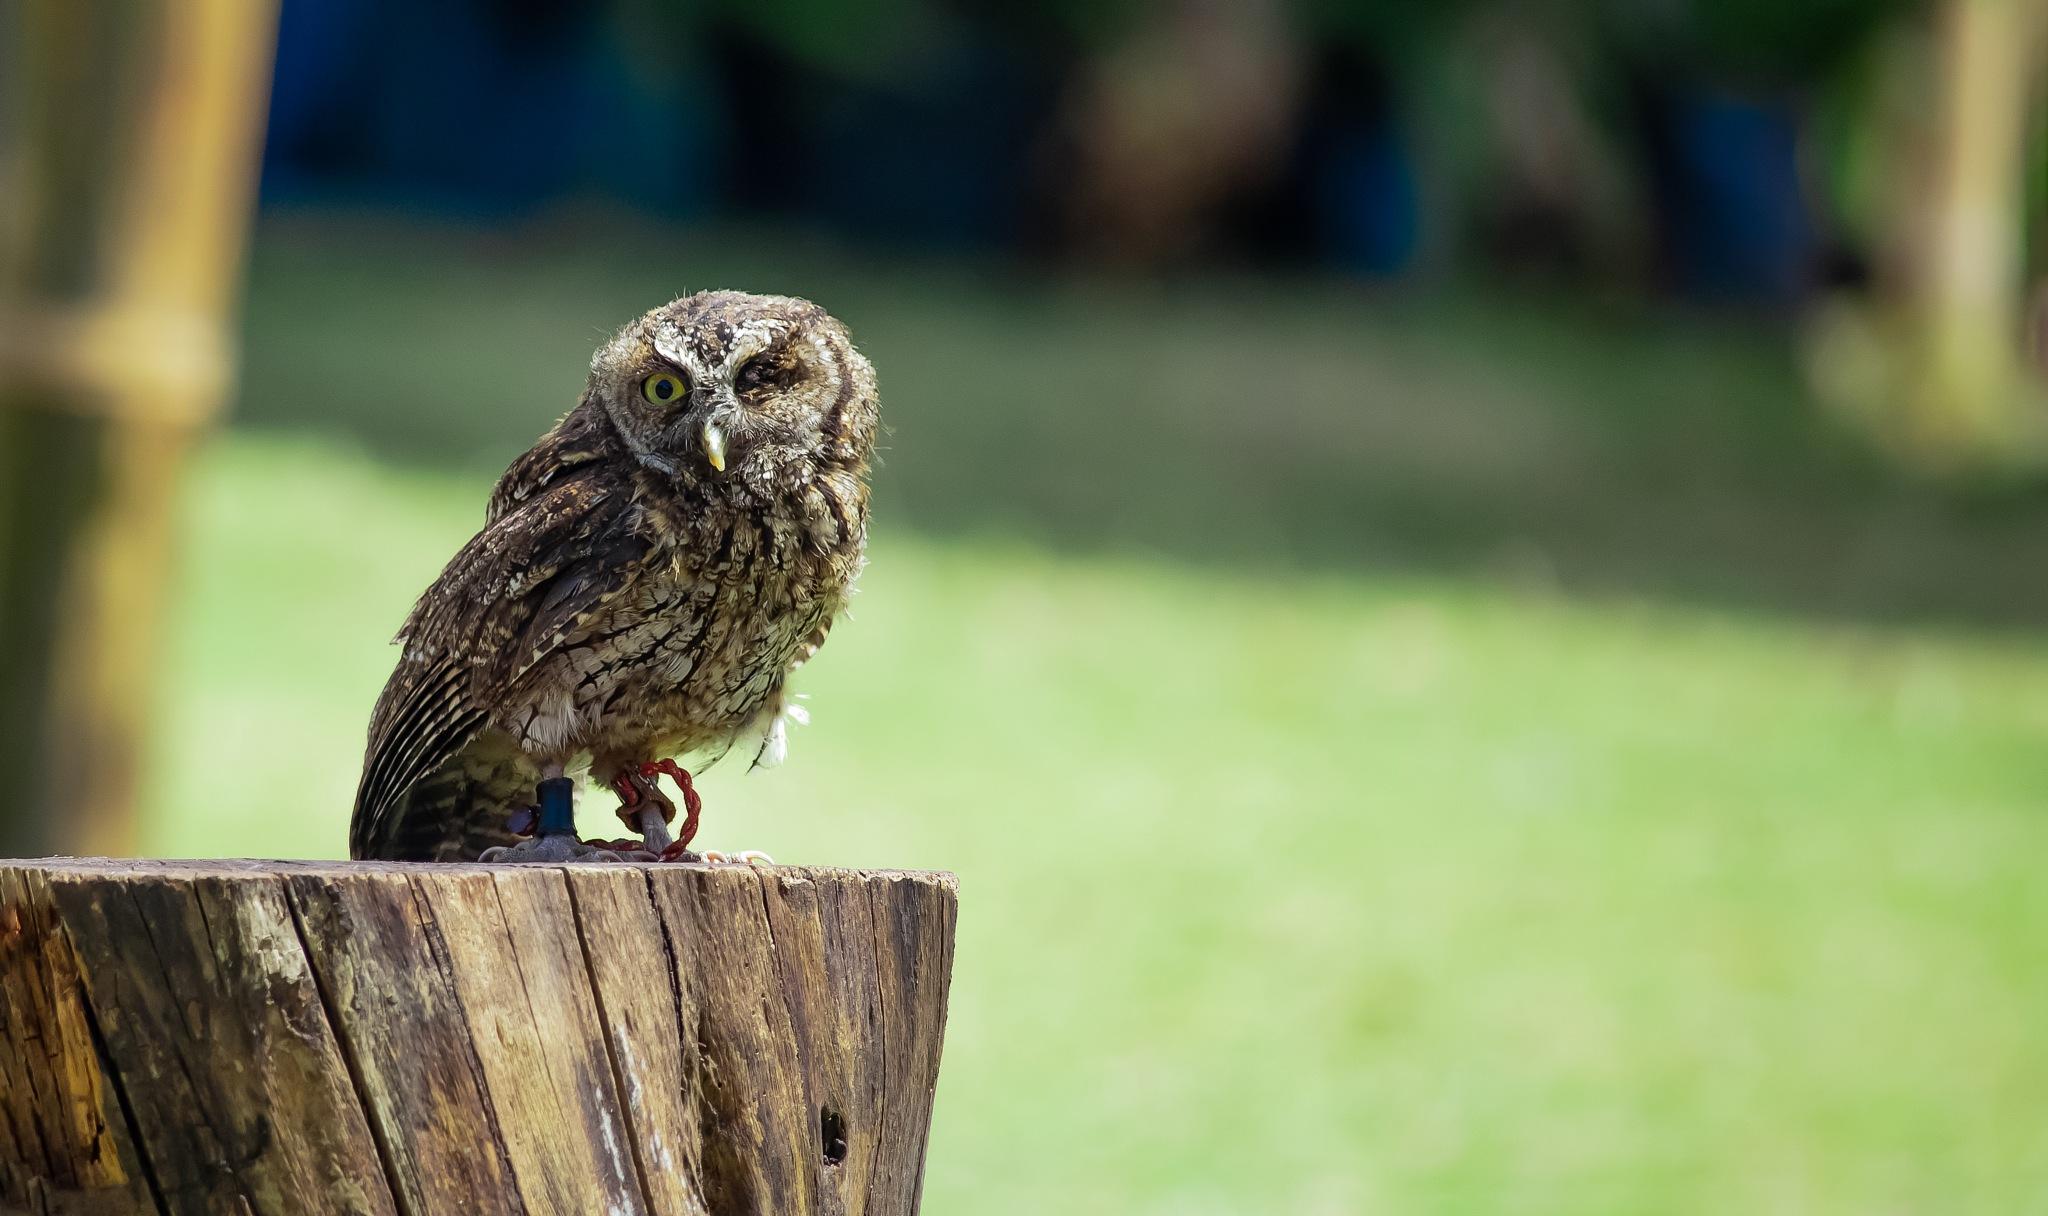 Eyeless Owl by Camilo Idrobo